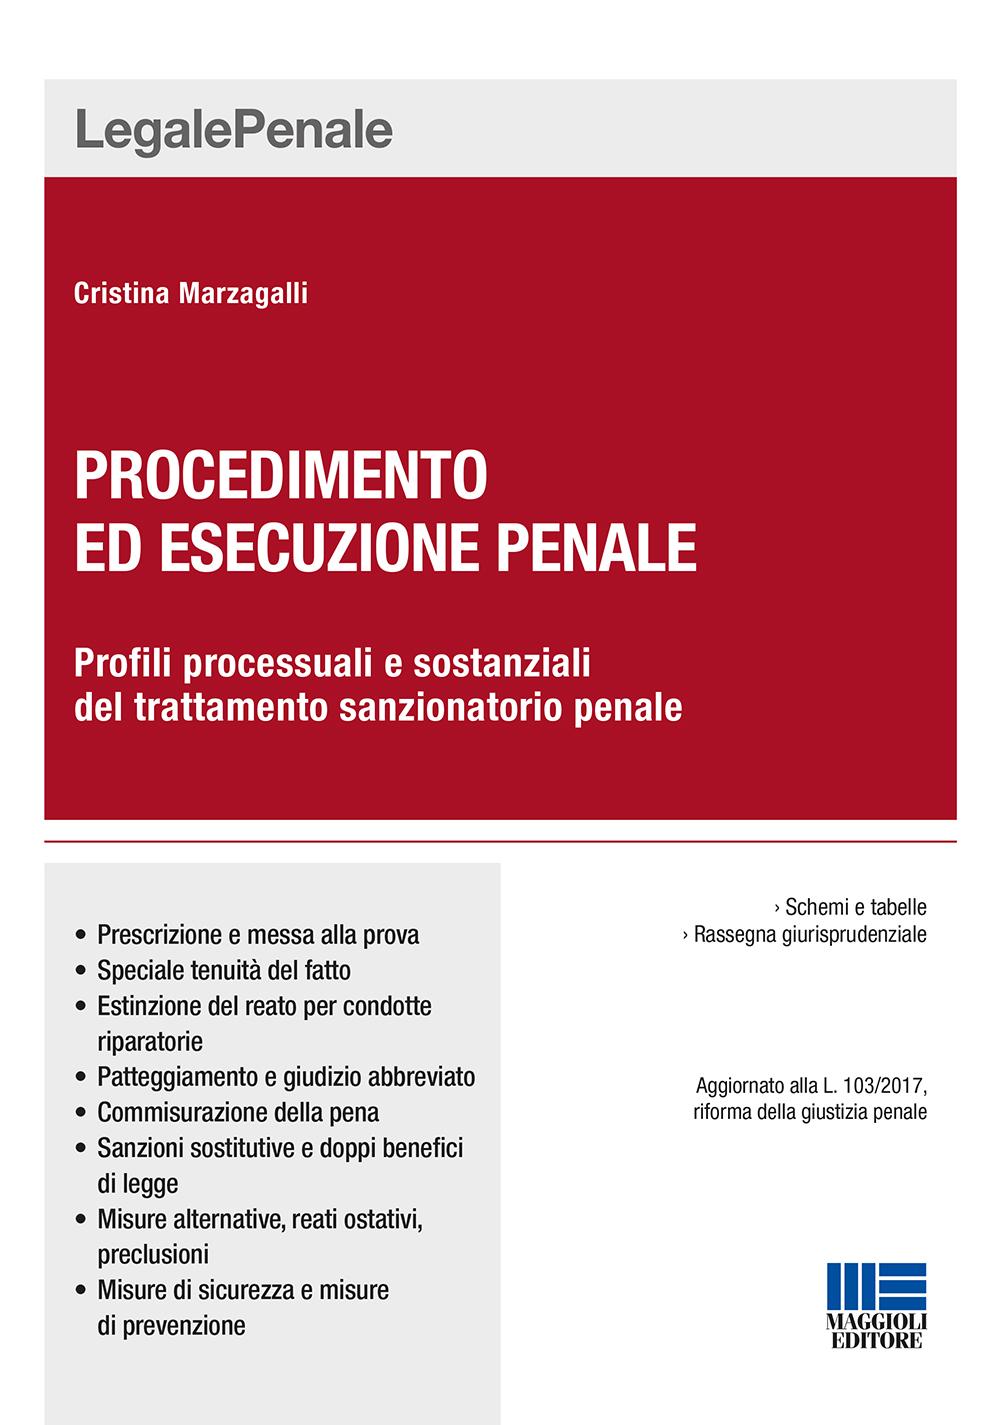 Procedimento ed esecuzione penale